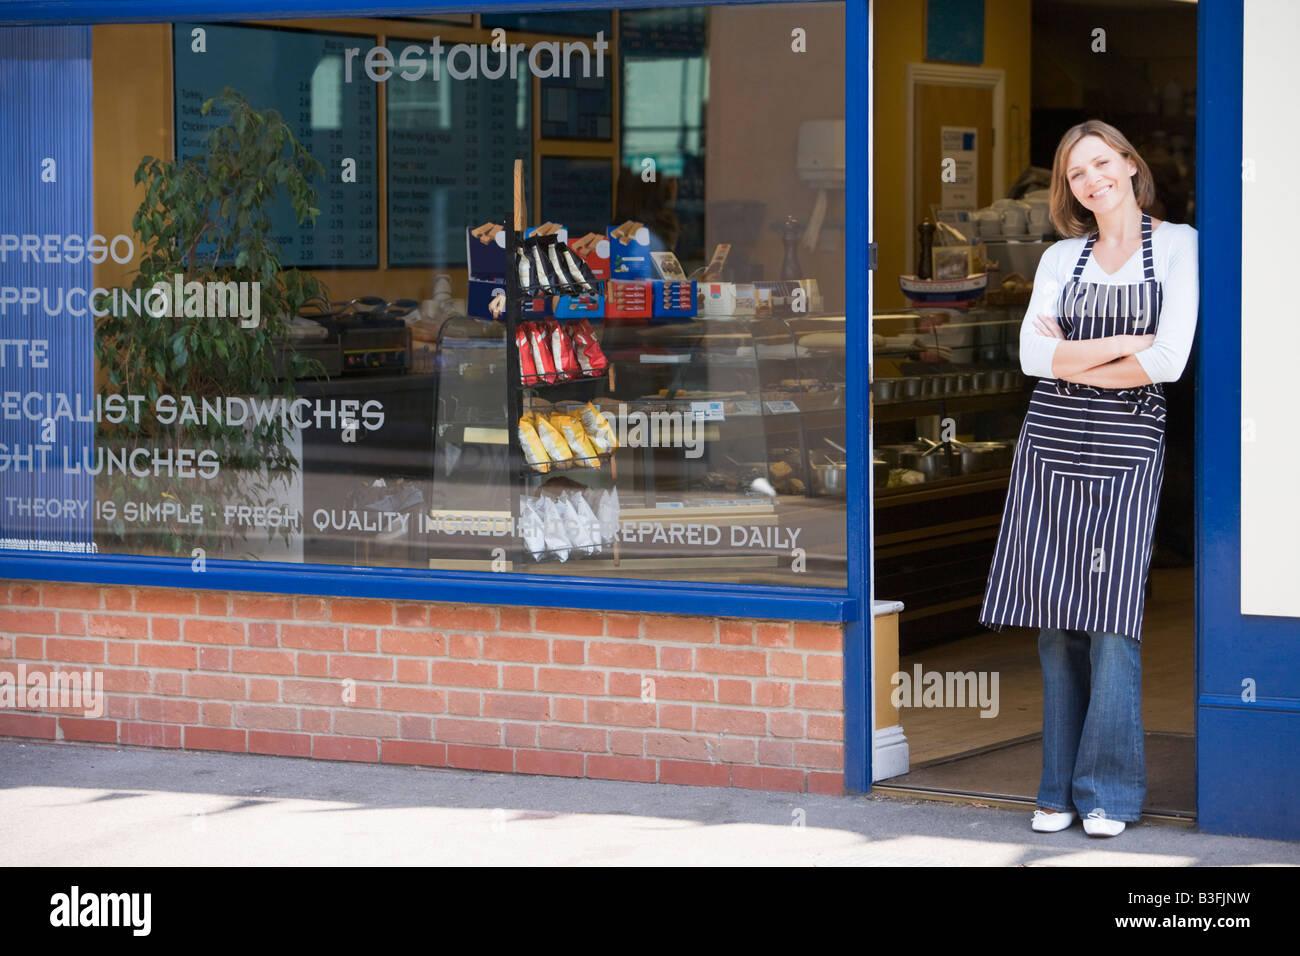 Woman standing in doorway of restaurant smiling - Stock Image